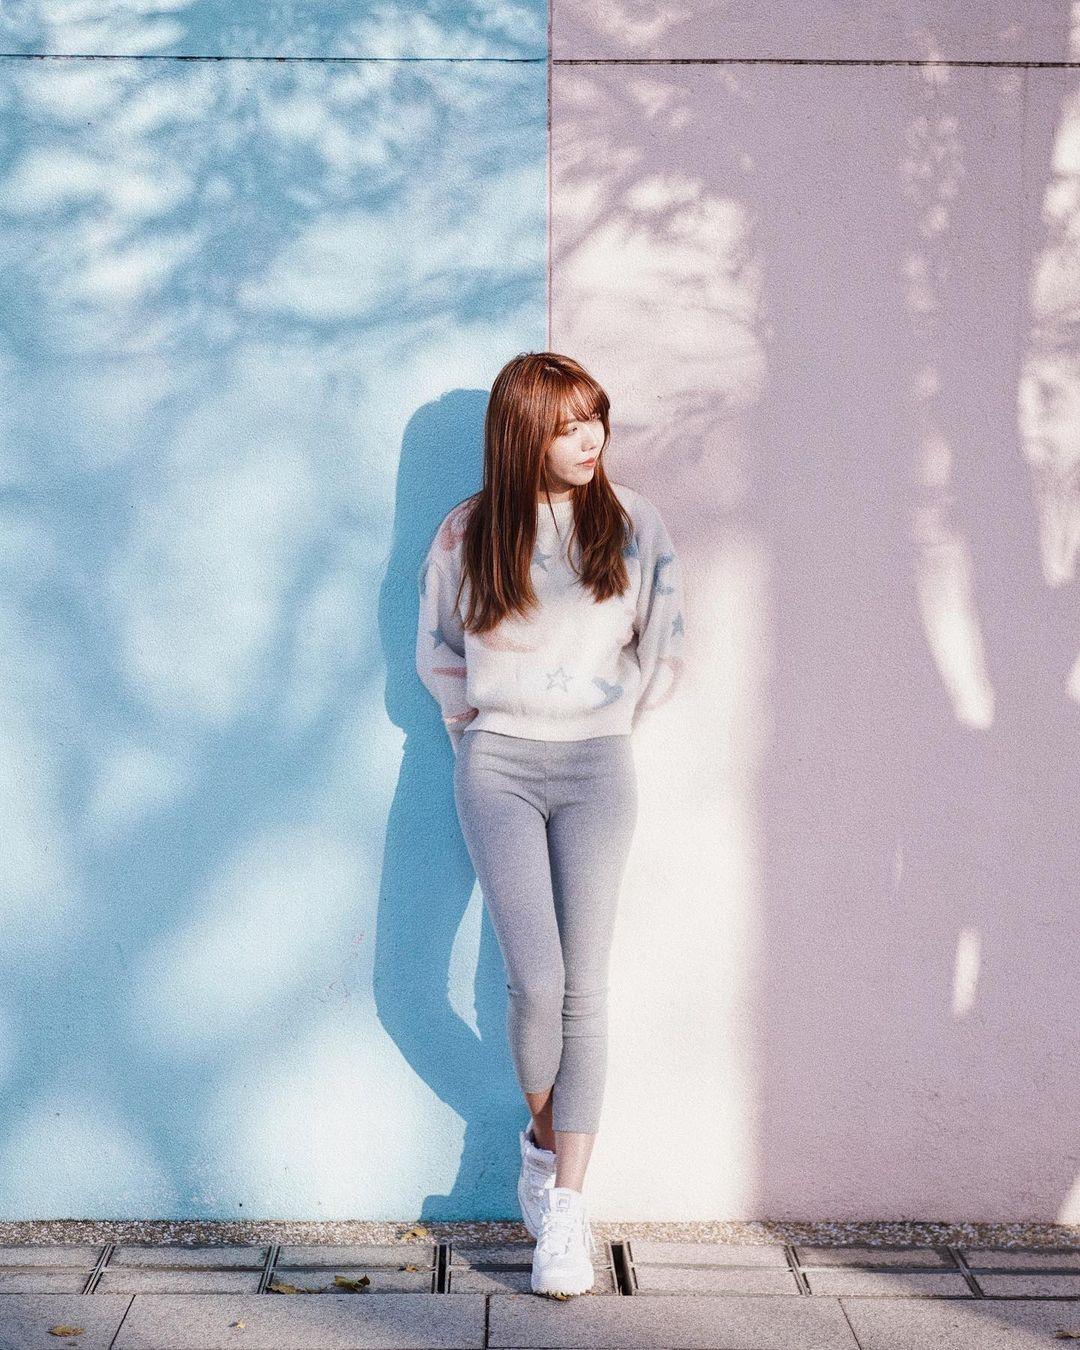 石硤尾公園粉紅粉藍雙色牆 (圖片來源:IG@creamy_csy)